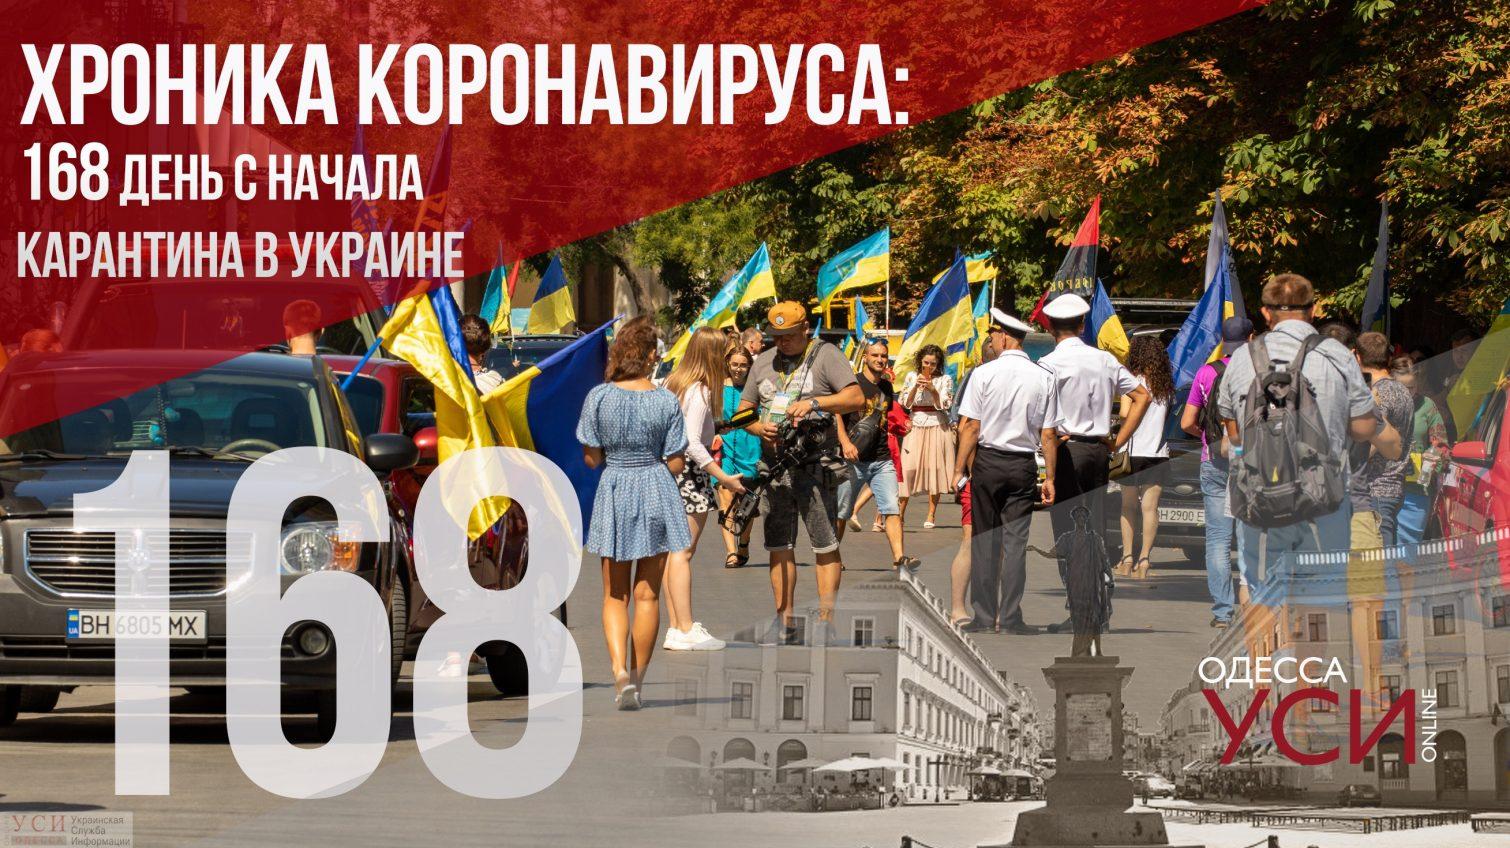 Хроника коронавируса: на 168 день в Украине зарегистрировали почти 2 тысячи новых случаев «фото»